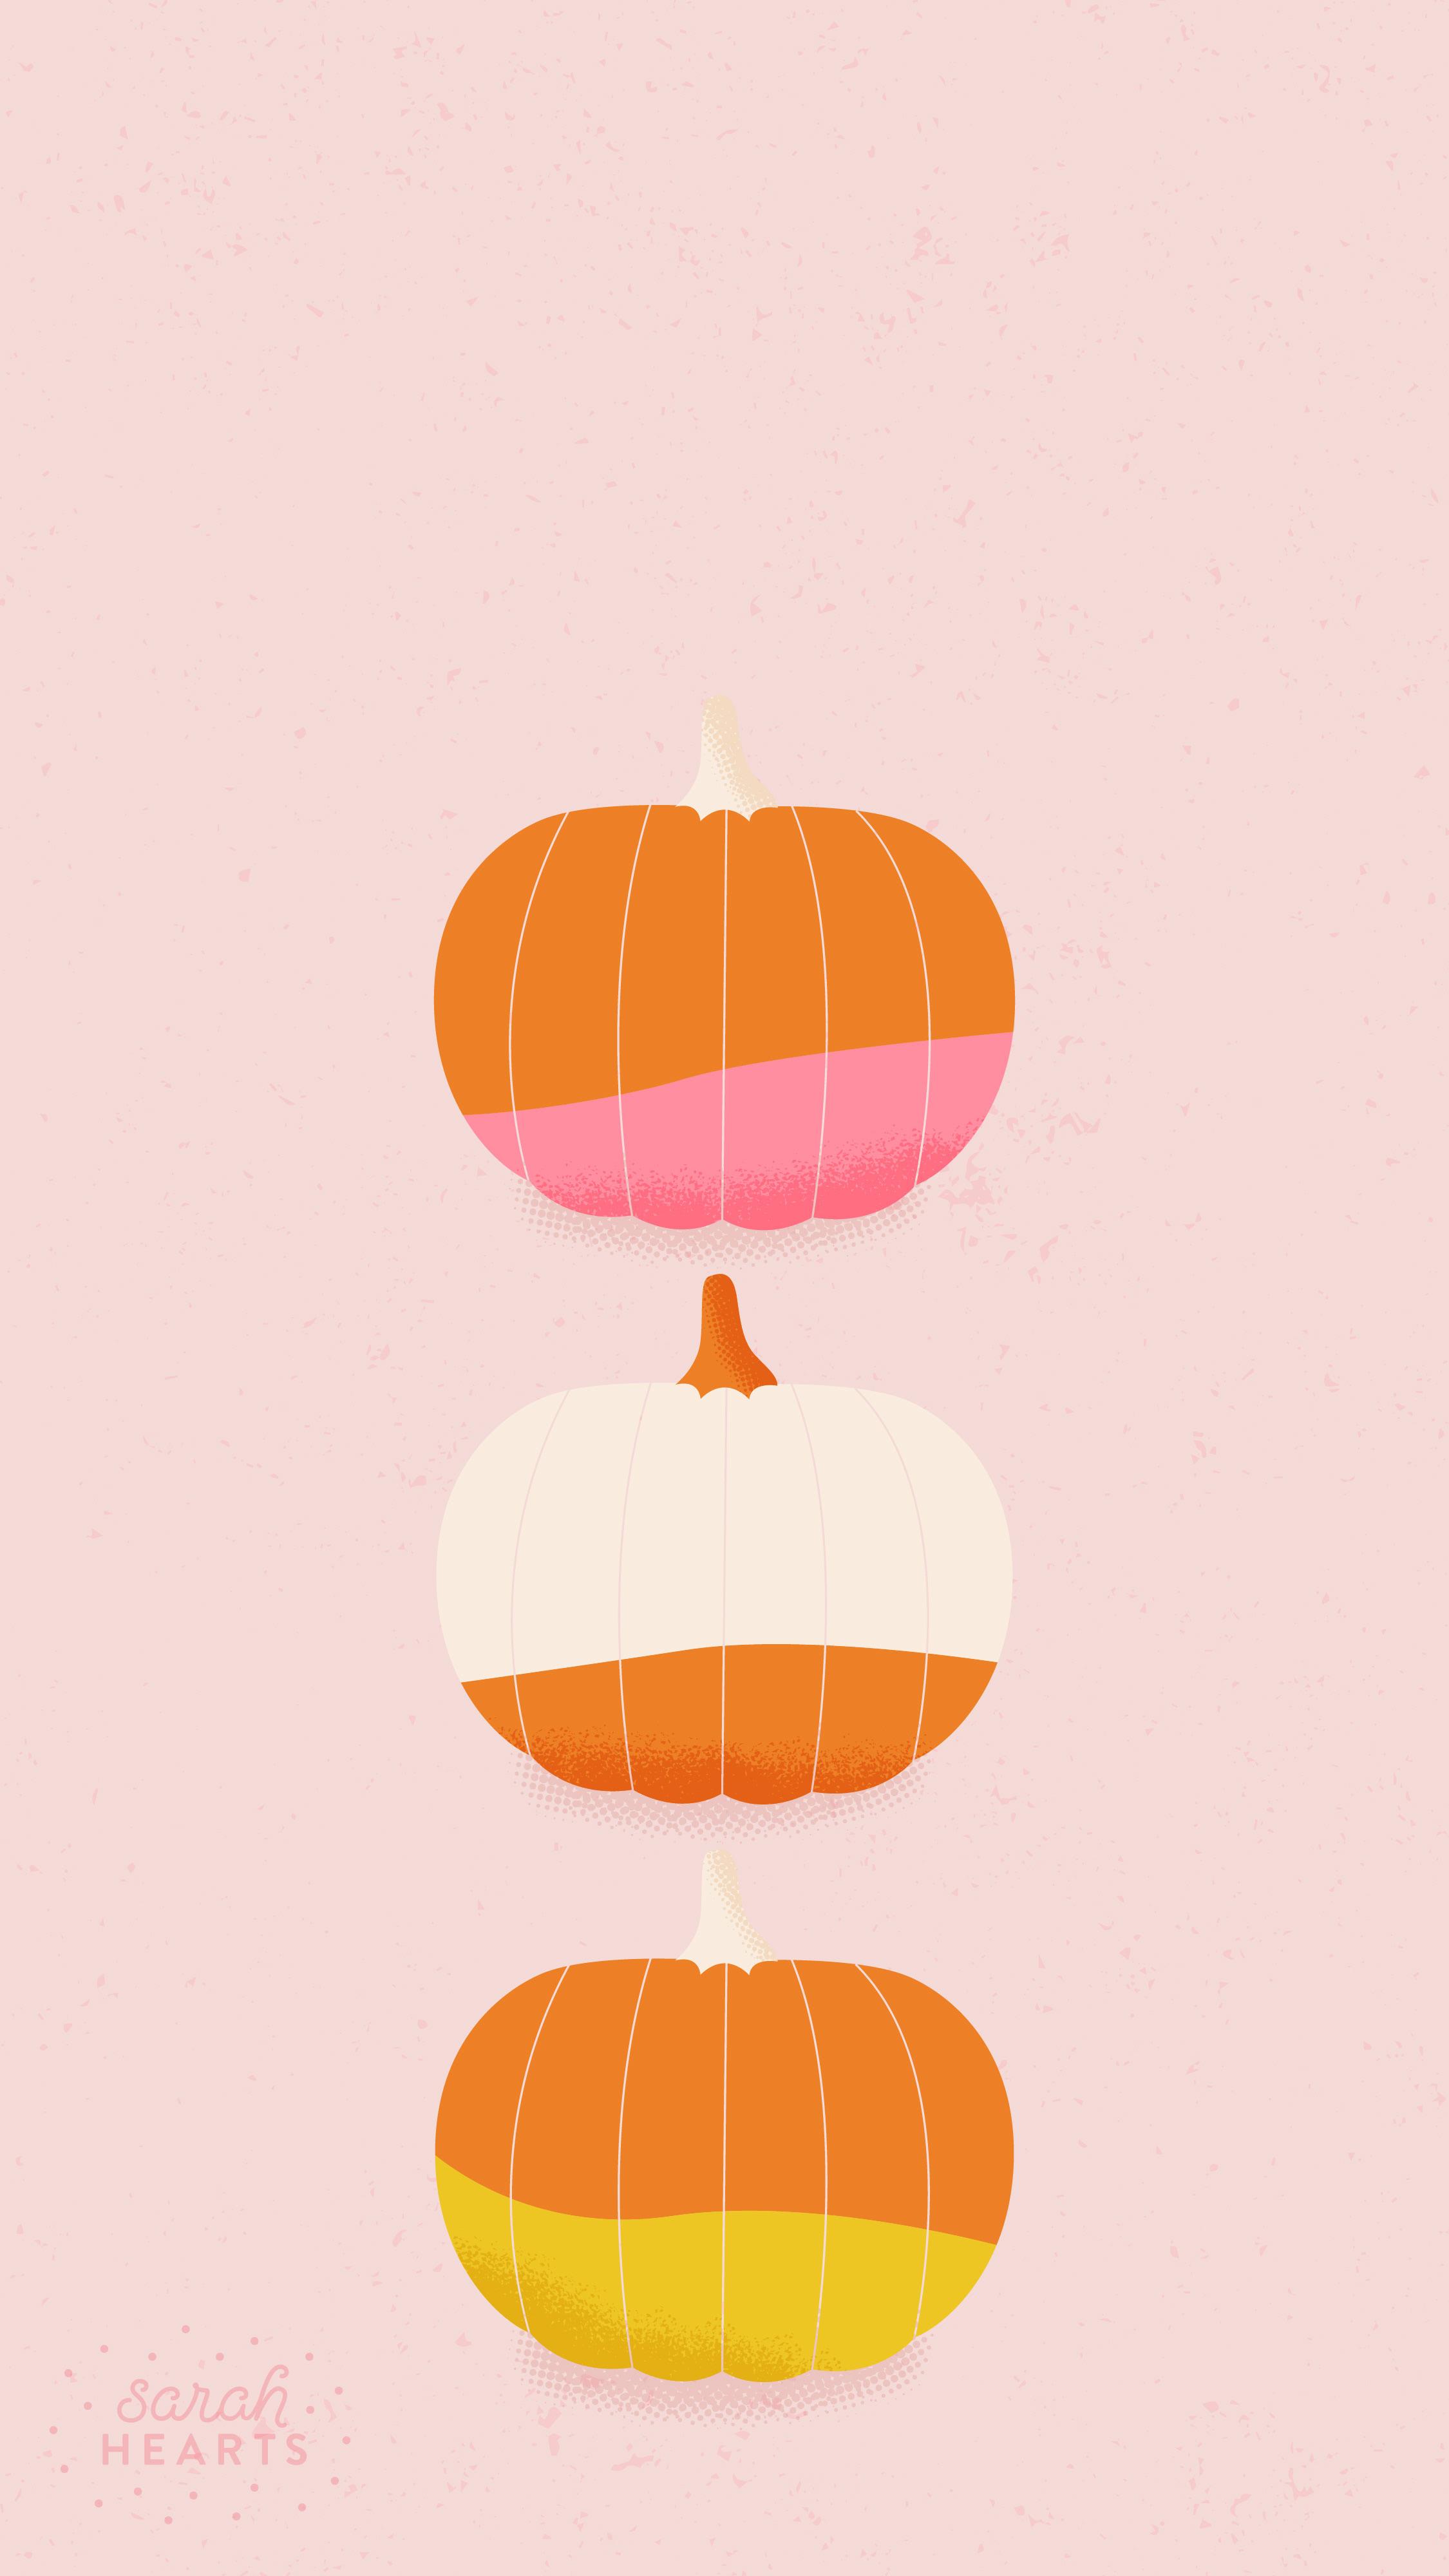 秋の季節テーマ Iphoneスマホ用ホーム ロック画面 壁紙画像